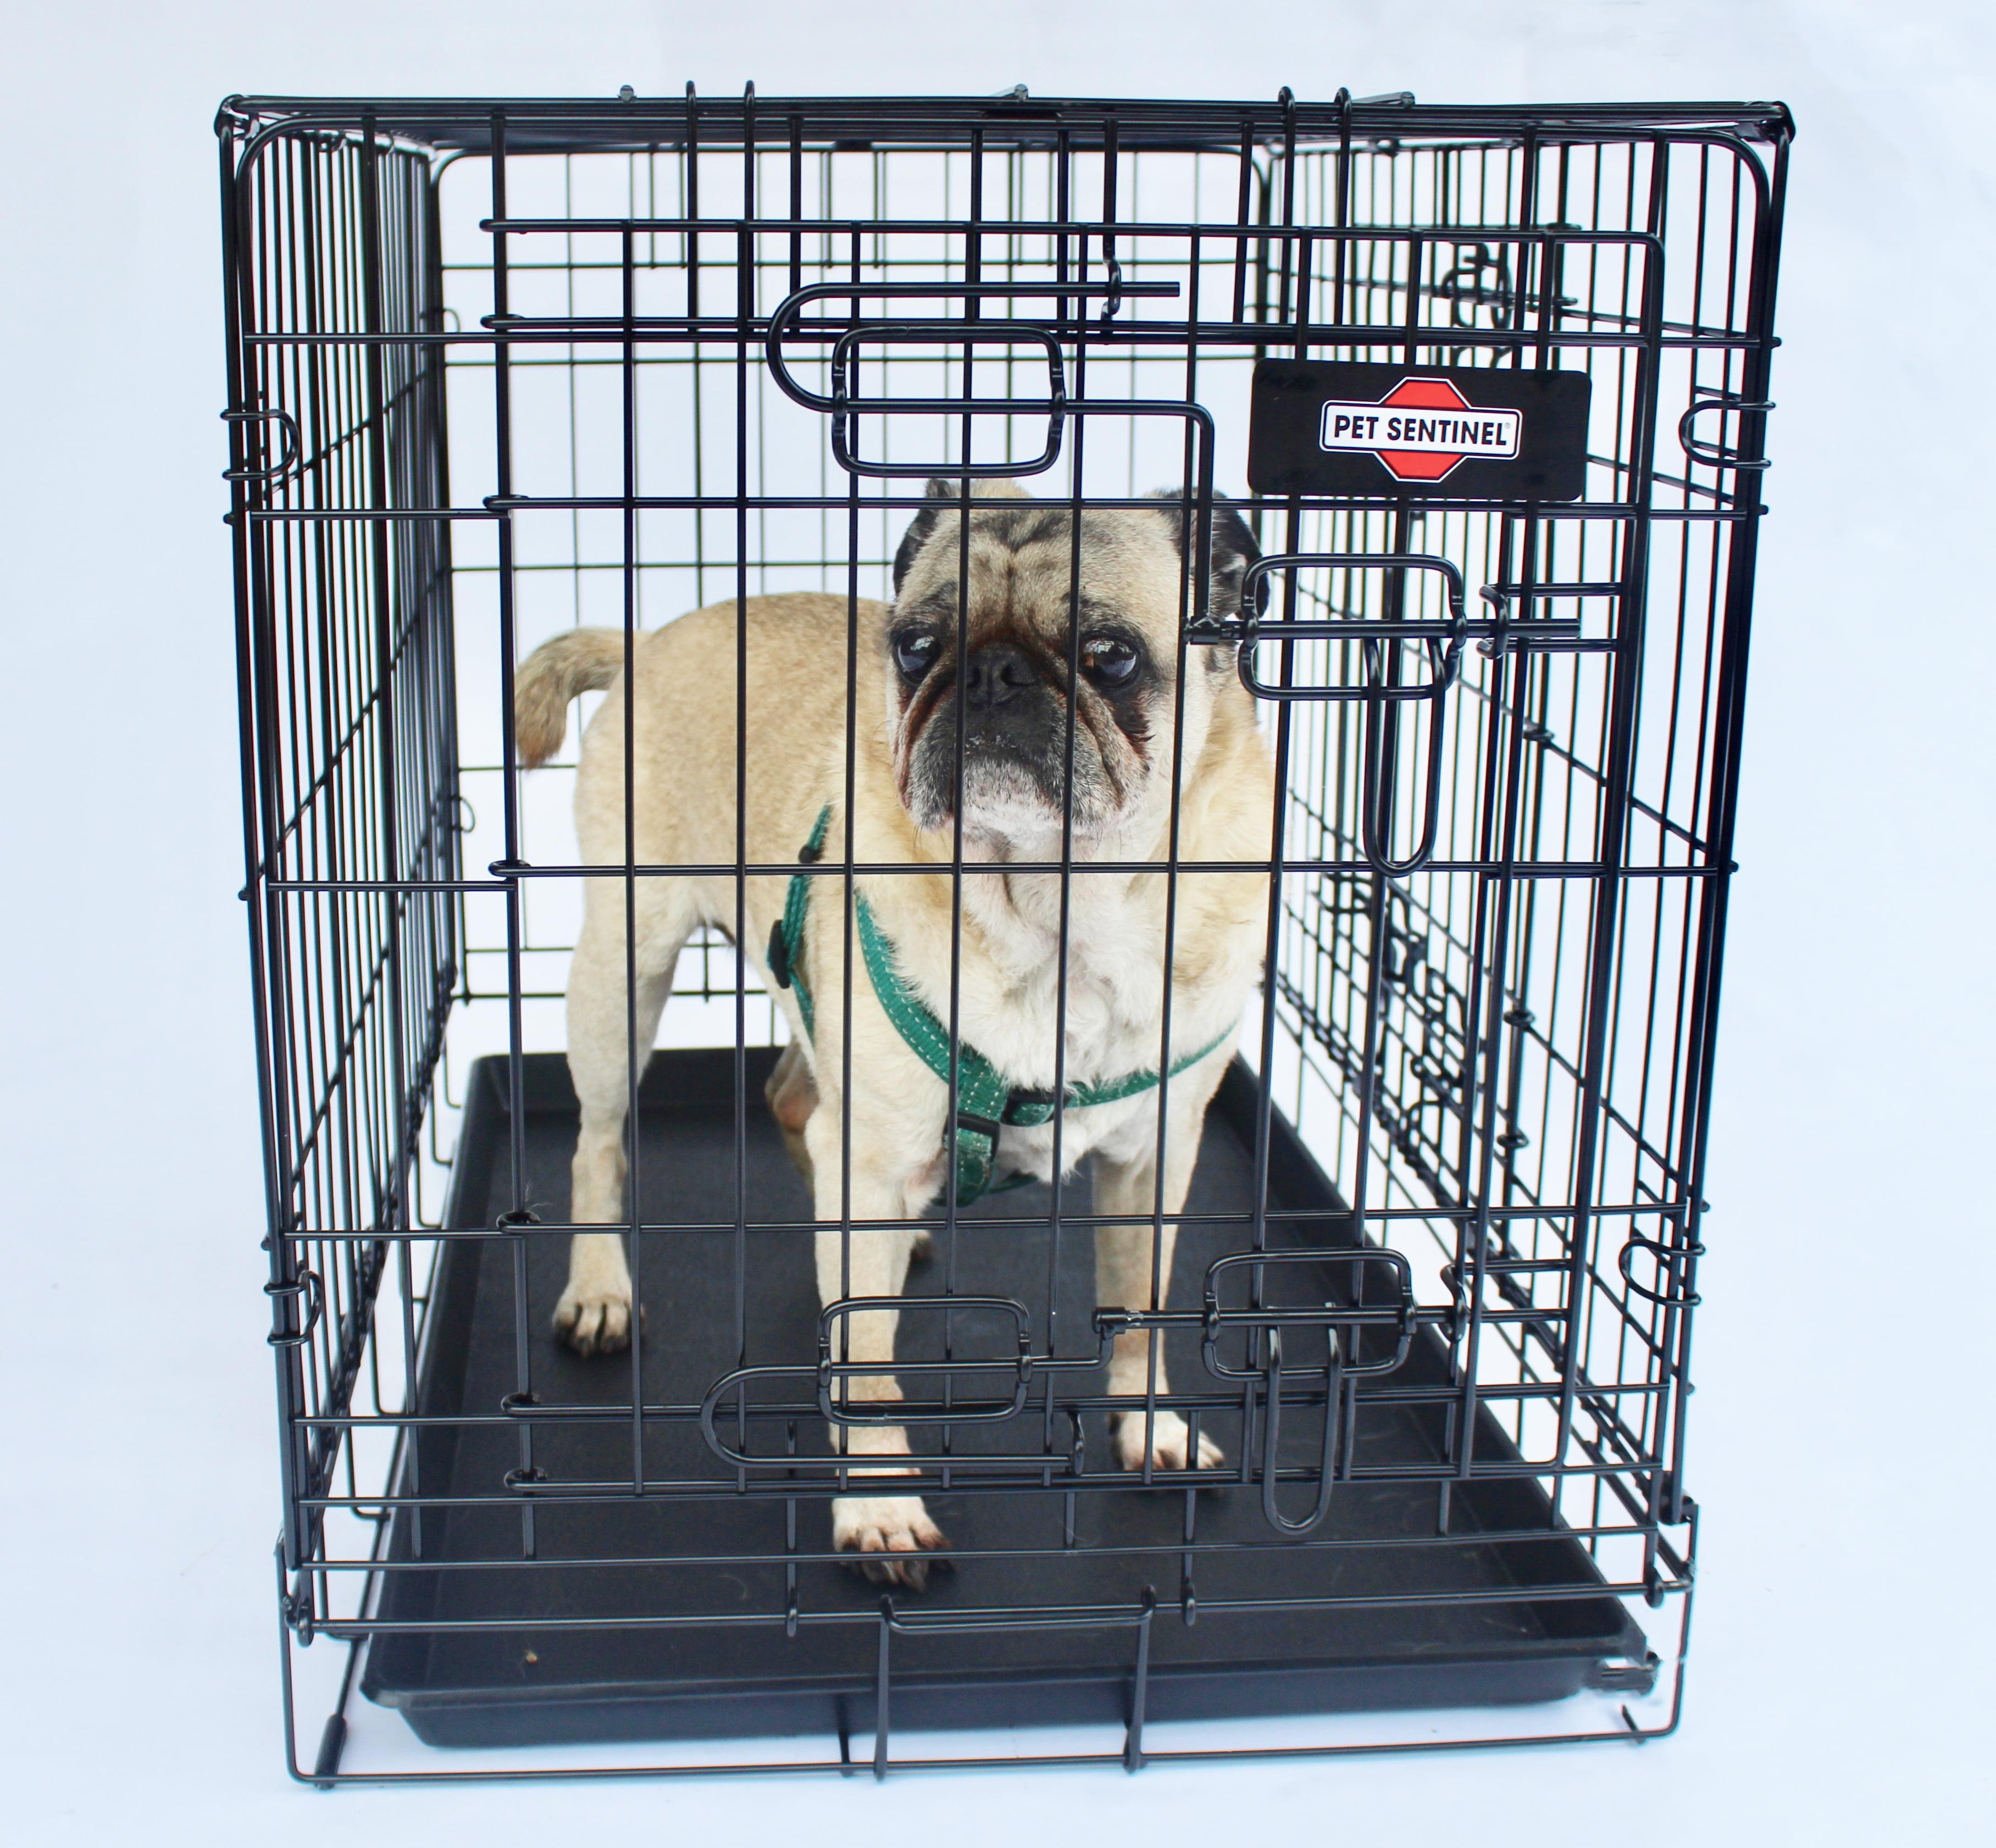 Medium Dog Crate 21in H x 19in W x 30in L